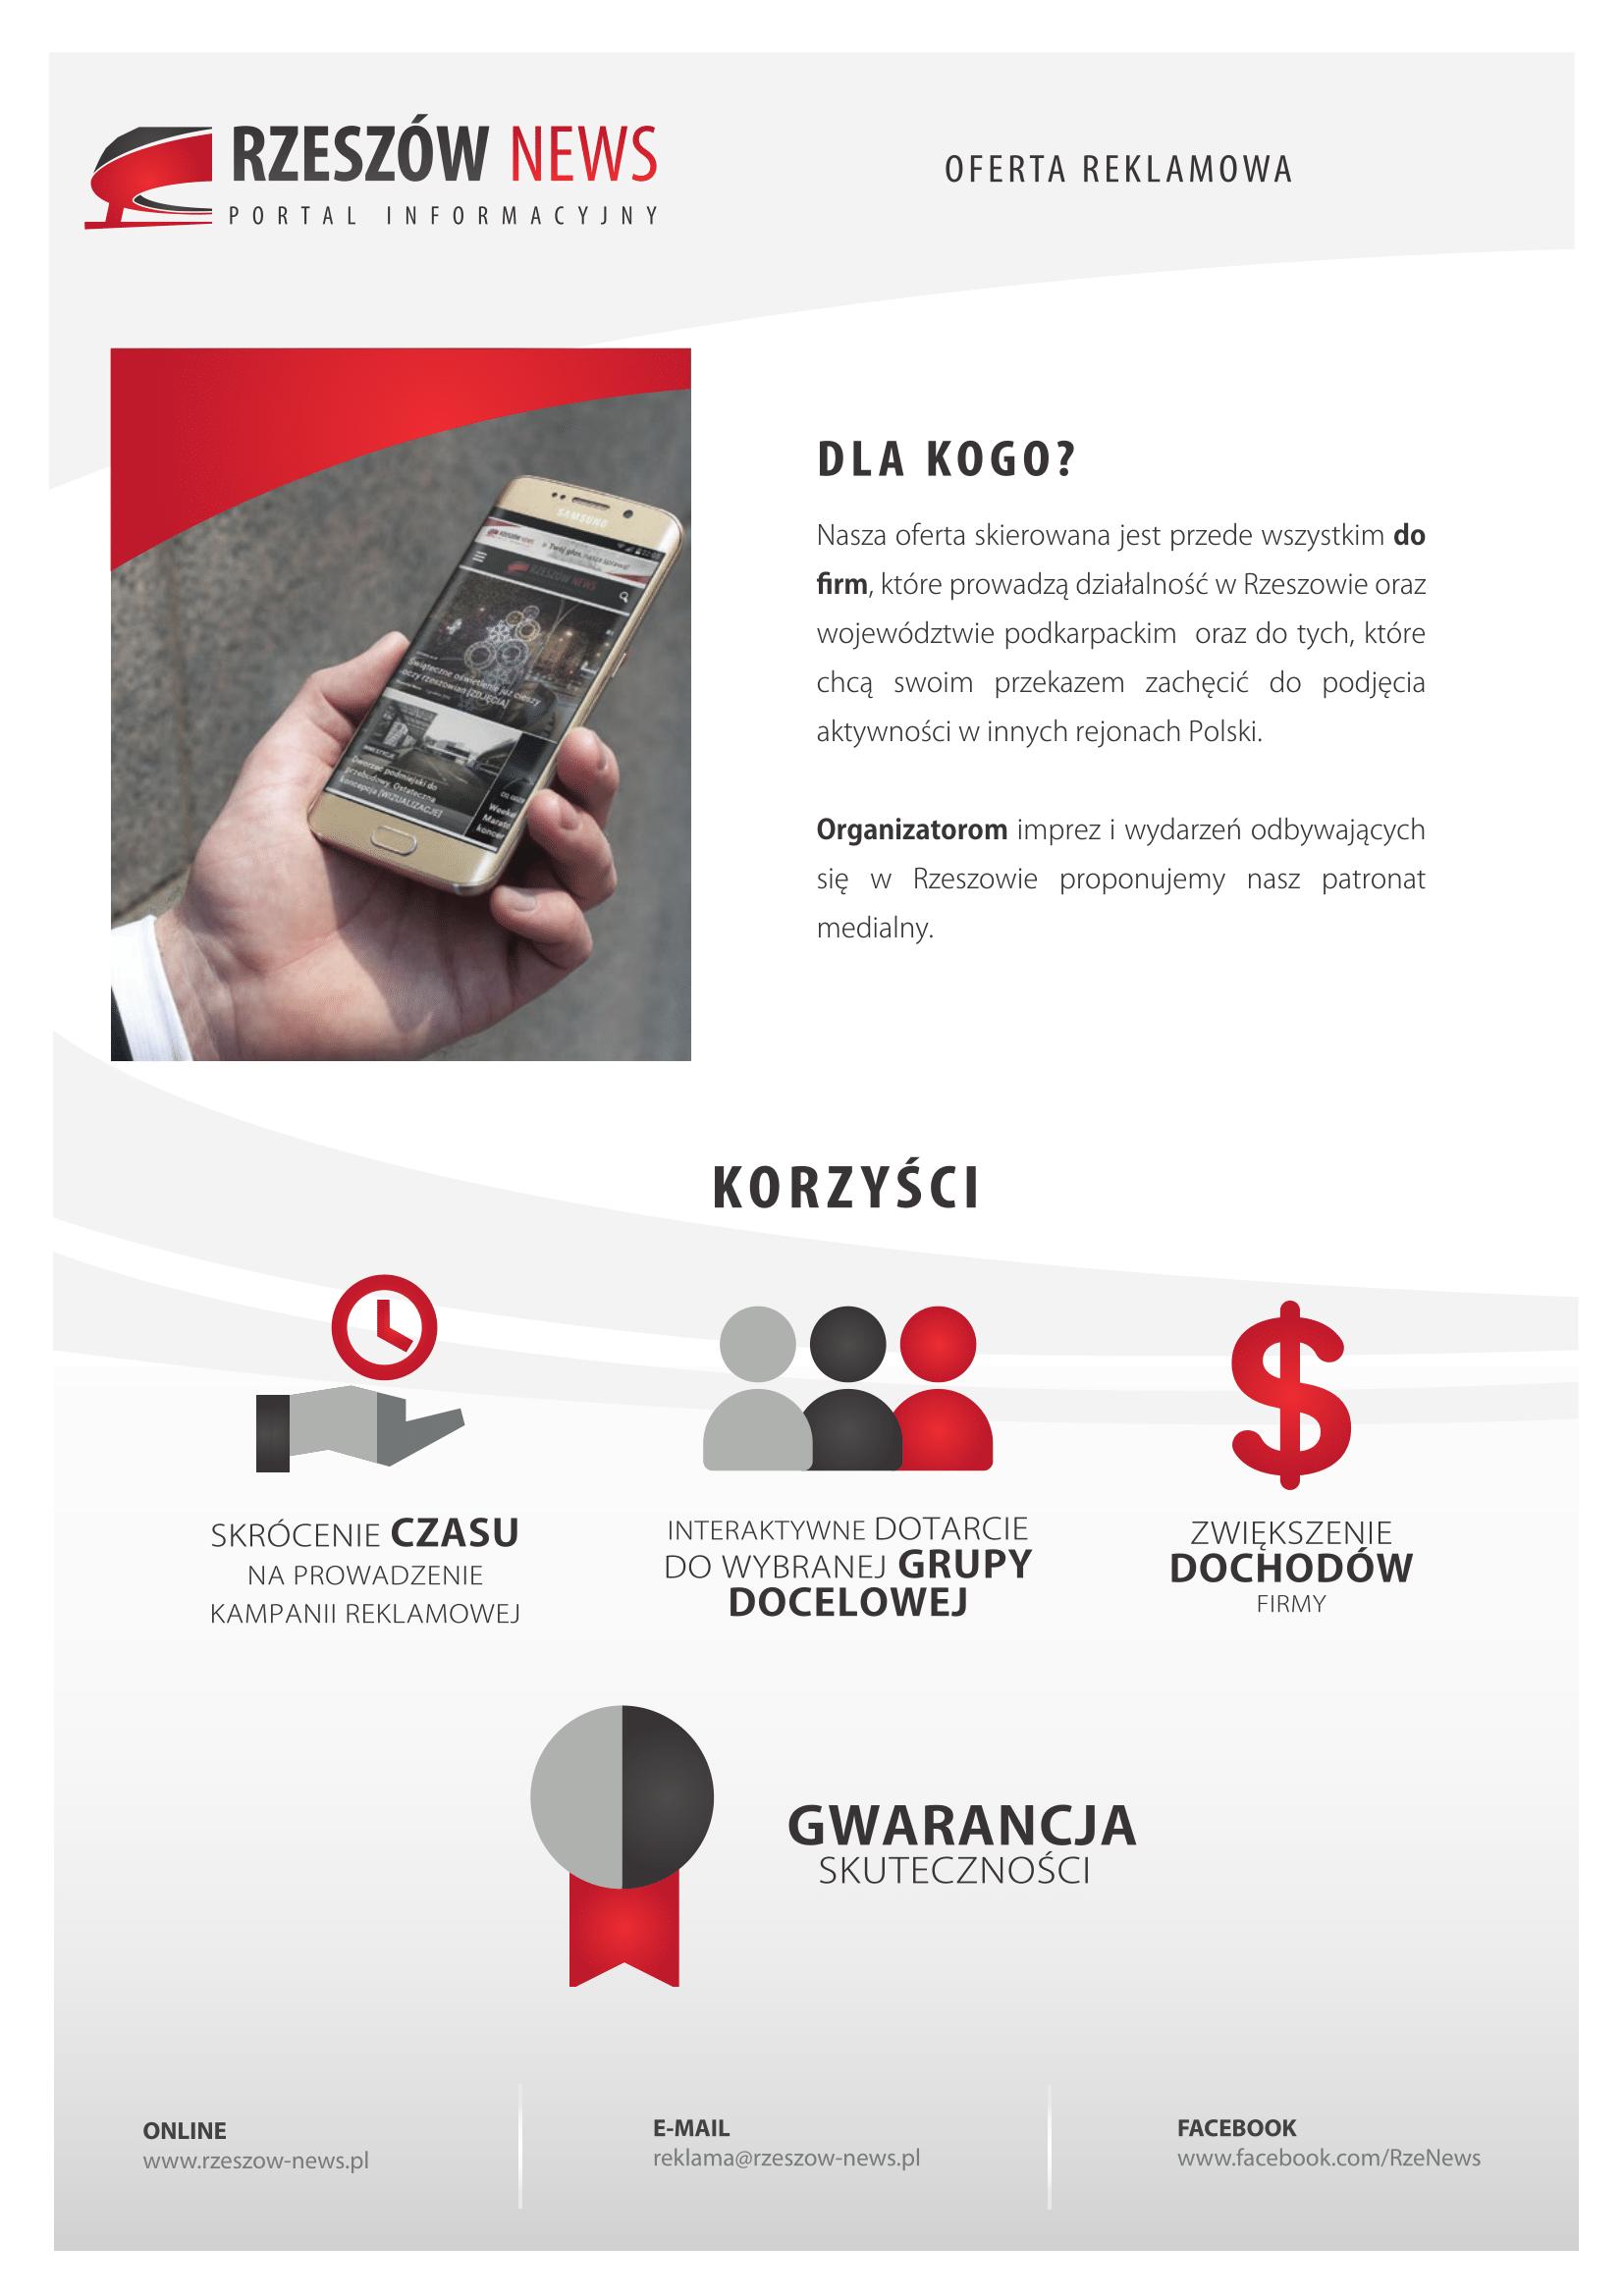 rzeszow-news-oferta-reklamowa-kopia-04